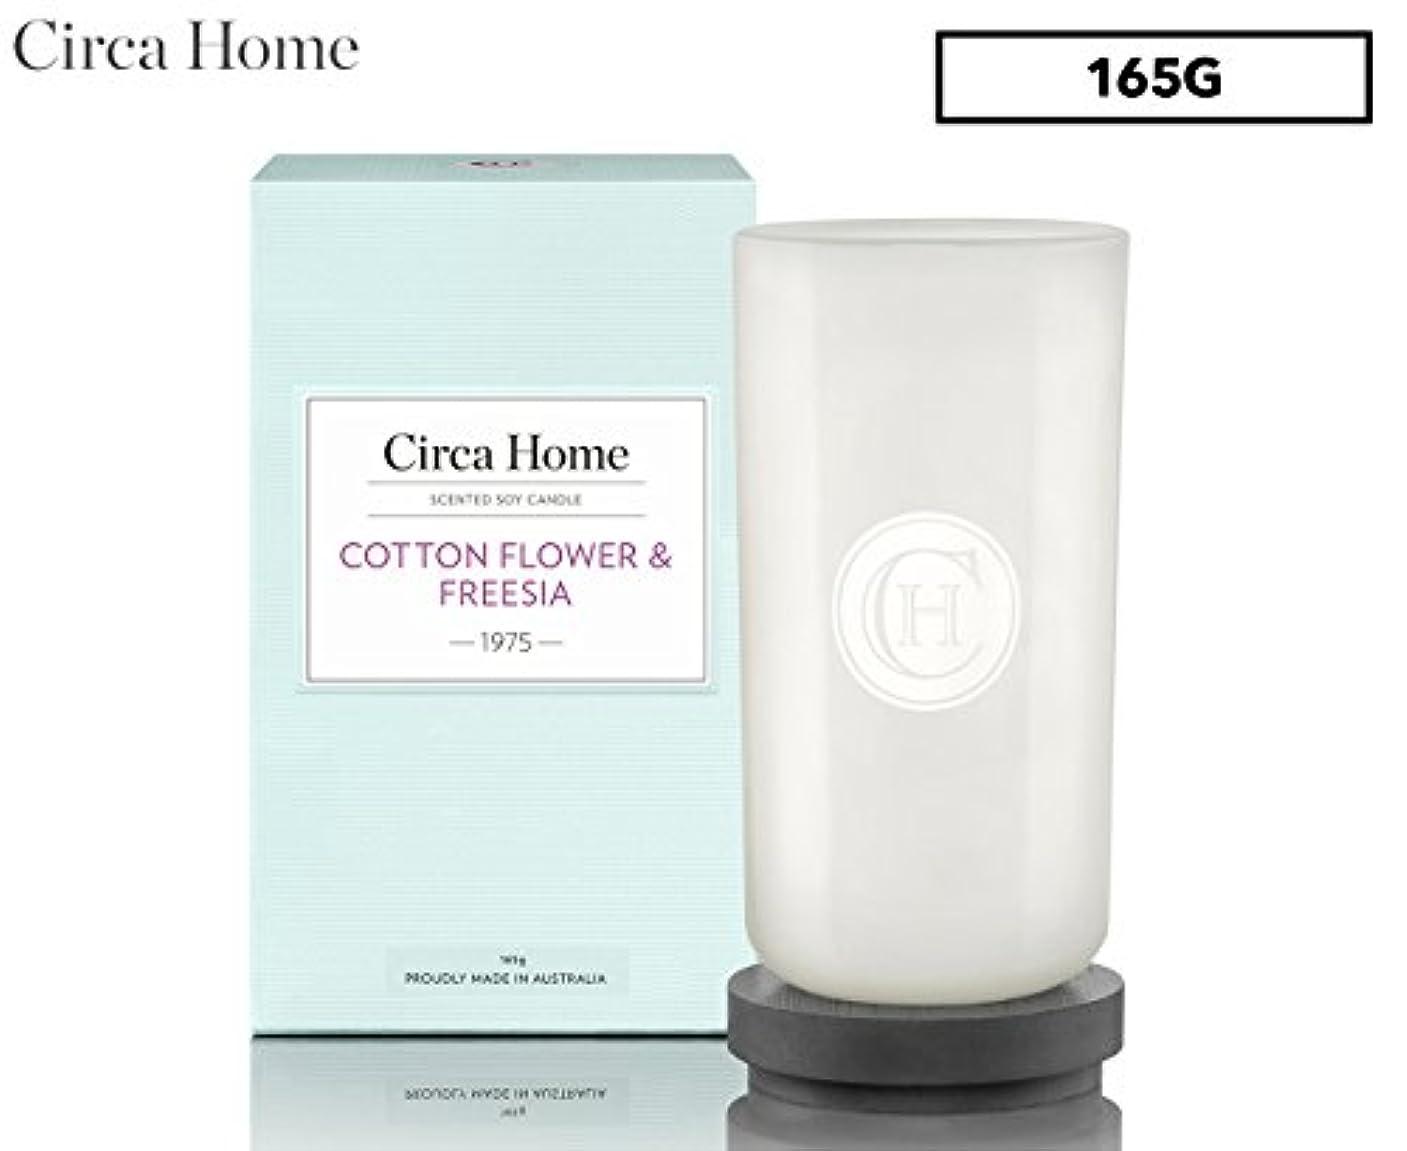 ピジンオデュッセウス古くなったCirca Home キャンドル(165g) 1975 COTTON FLOWER & FREESIA